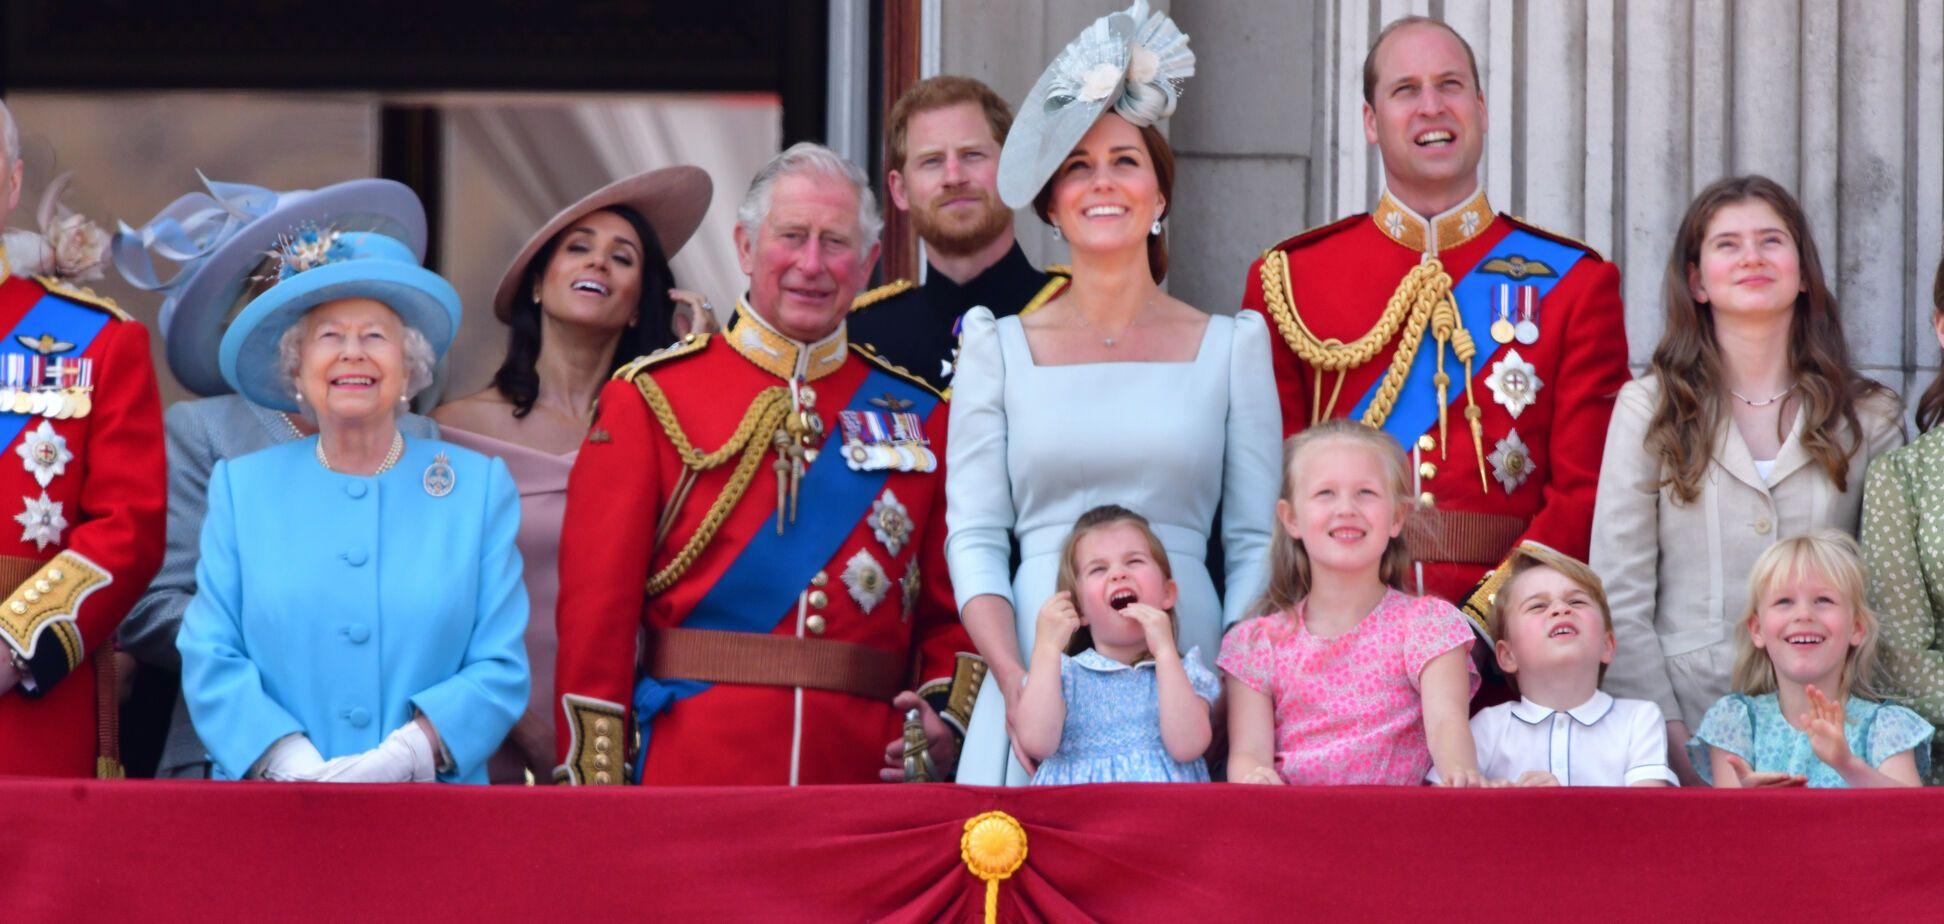 Правнуки Елизаветы II отличились:принцу Джорджузакрыла рот троюроднаясестра